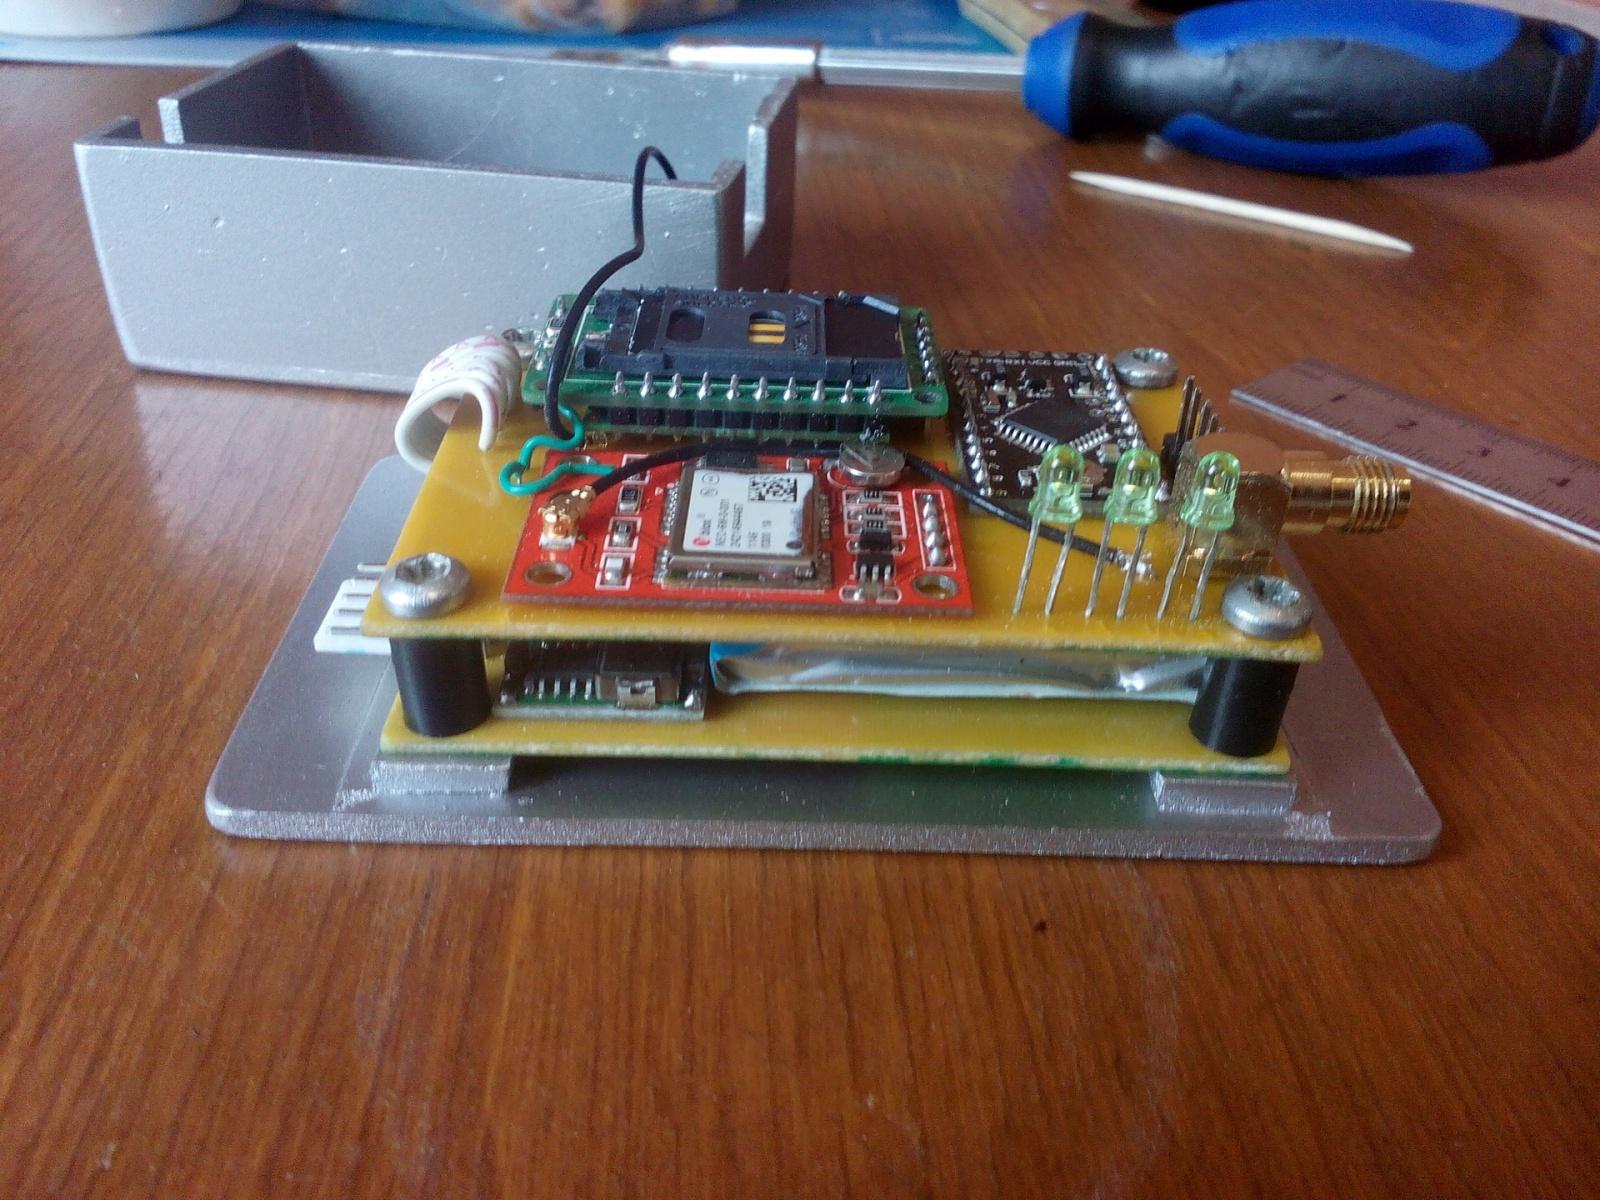 GPS трекер для автомобиля своими руками - 8